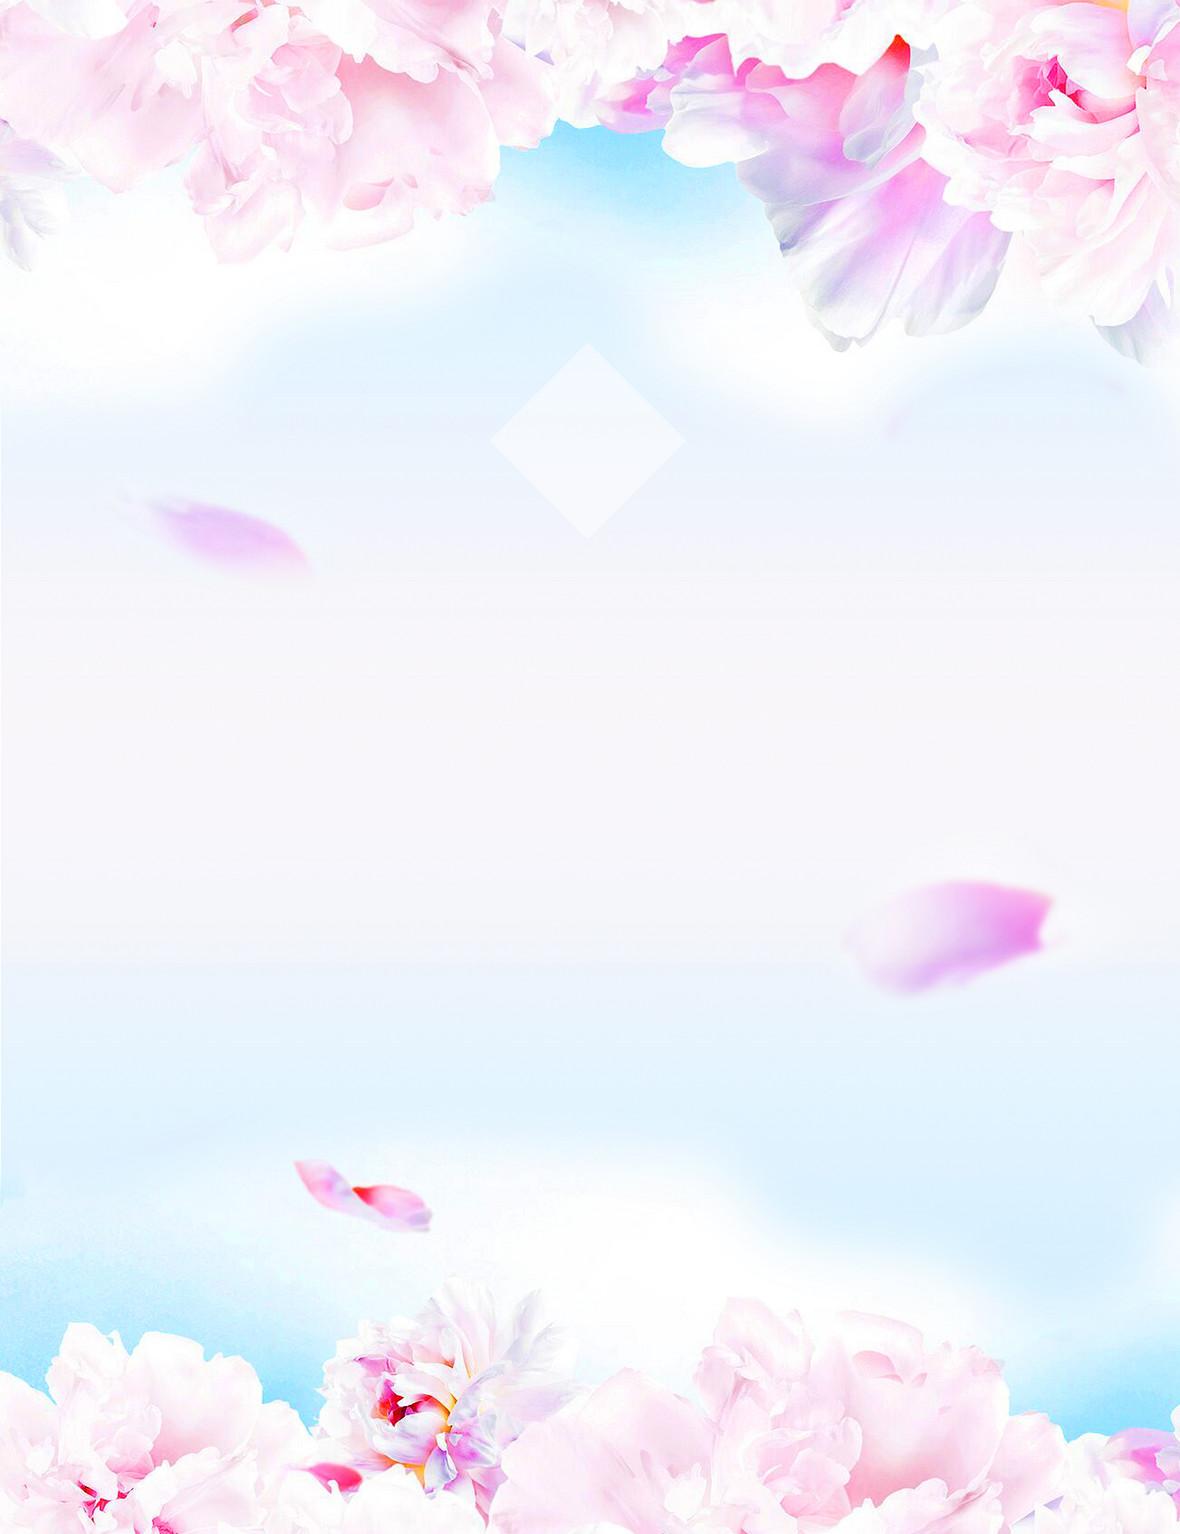 花卉唯美浪漫约惠女人节海报背景素材